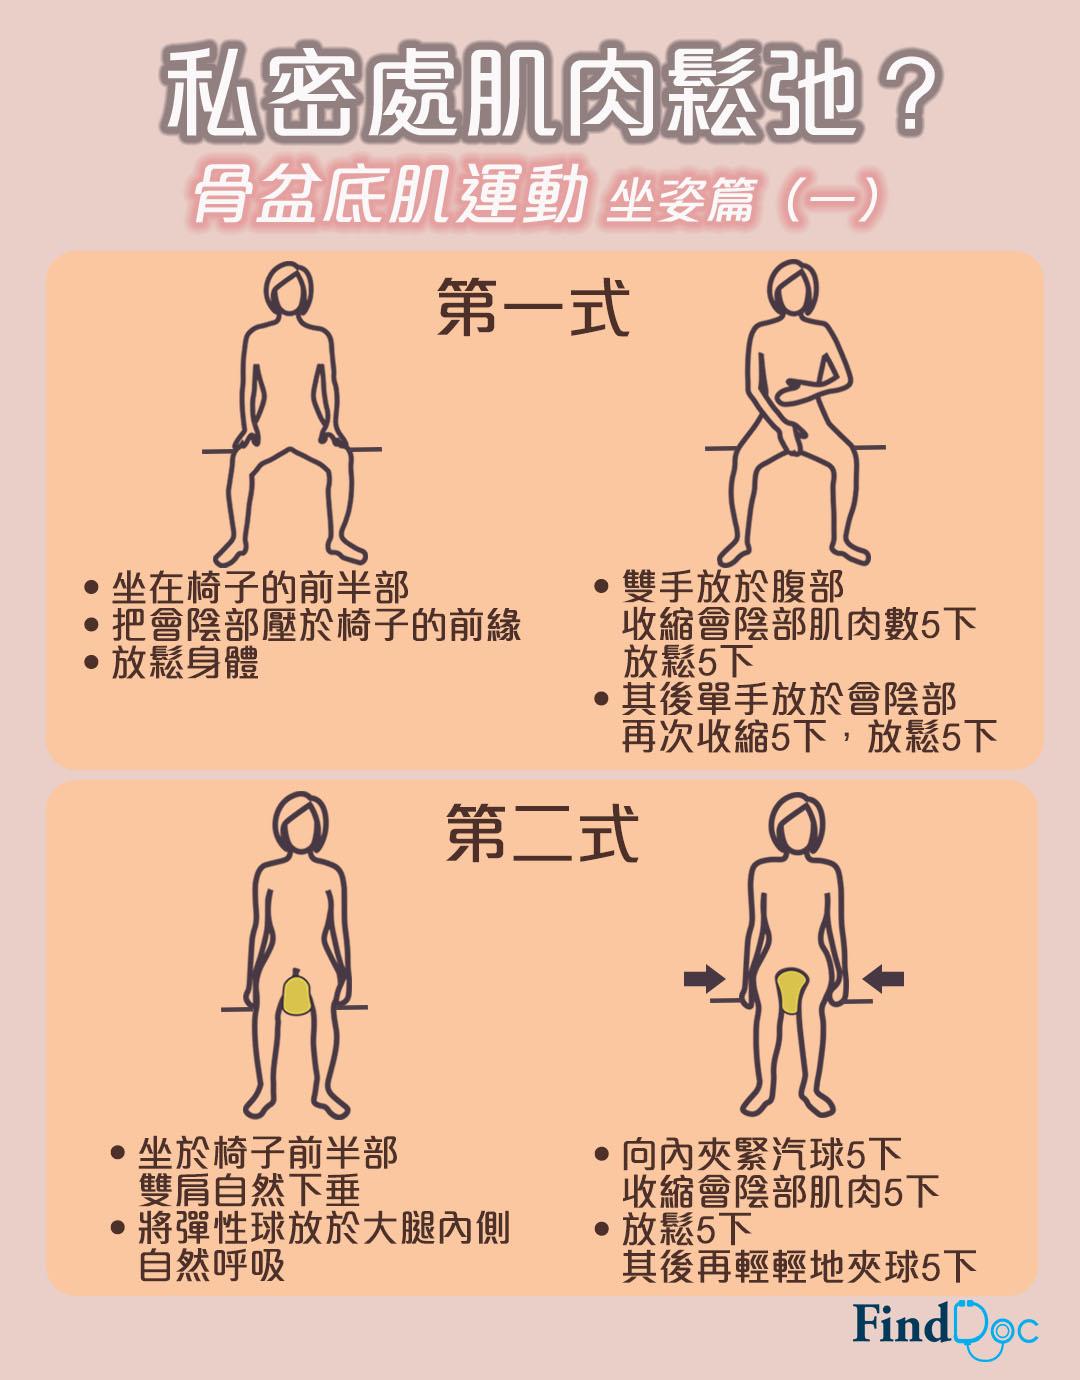 骨盆底運動助收緊陰道肌肉